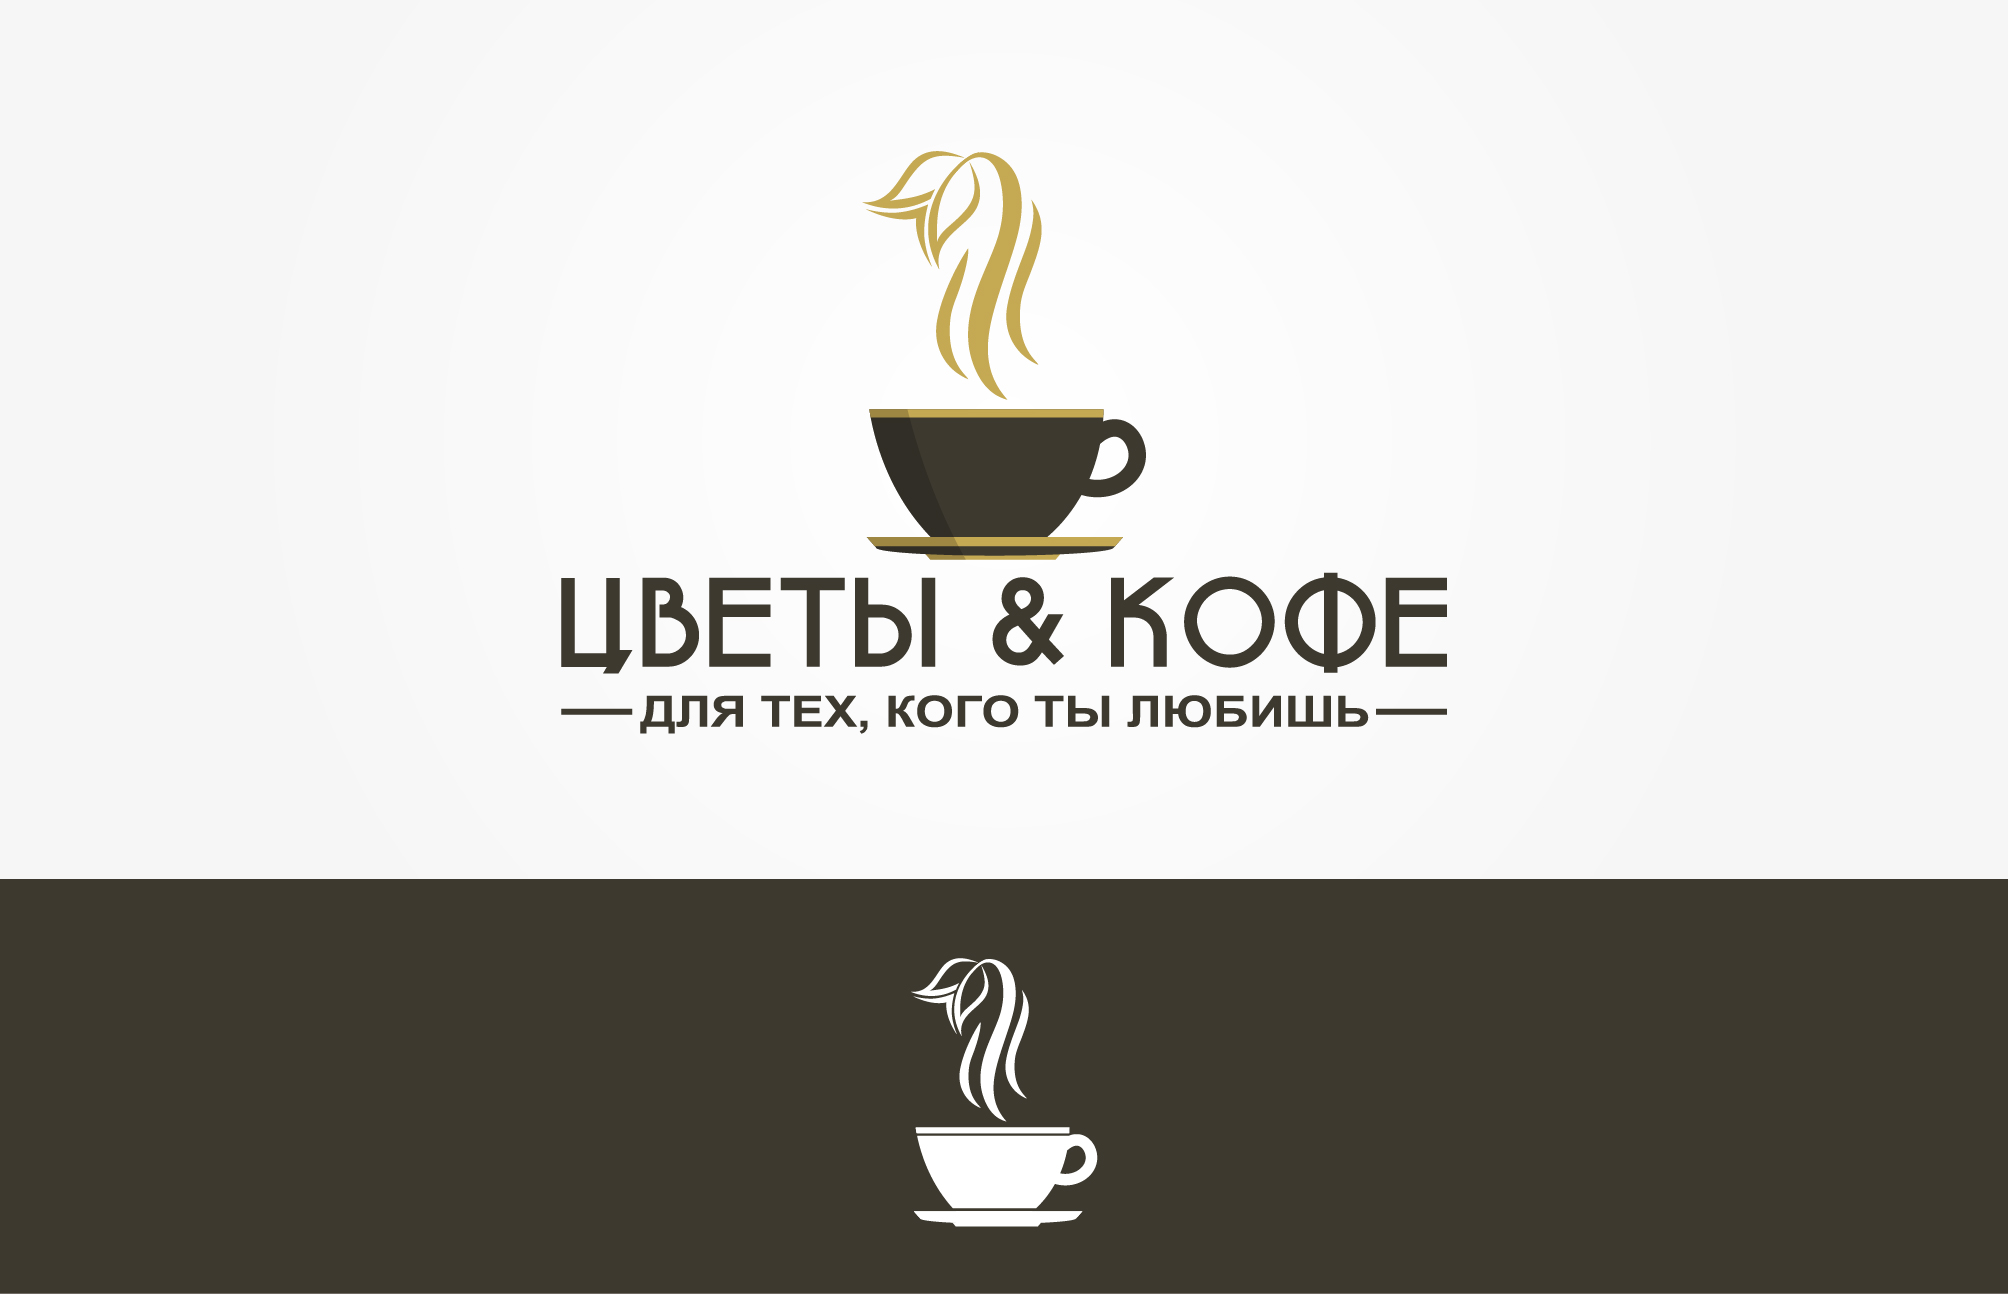 Логотип для ЦВЕТОКОД  фото f_8605cff8775e090b.jpg